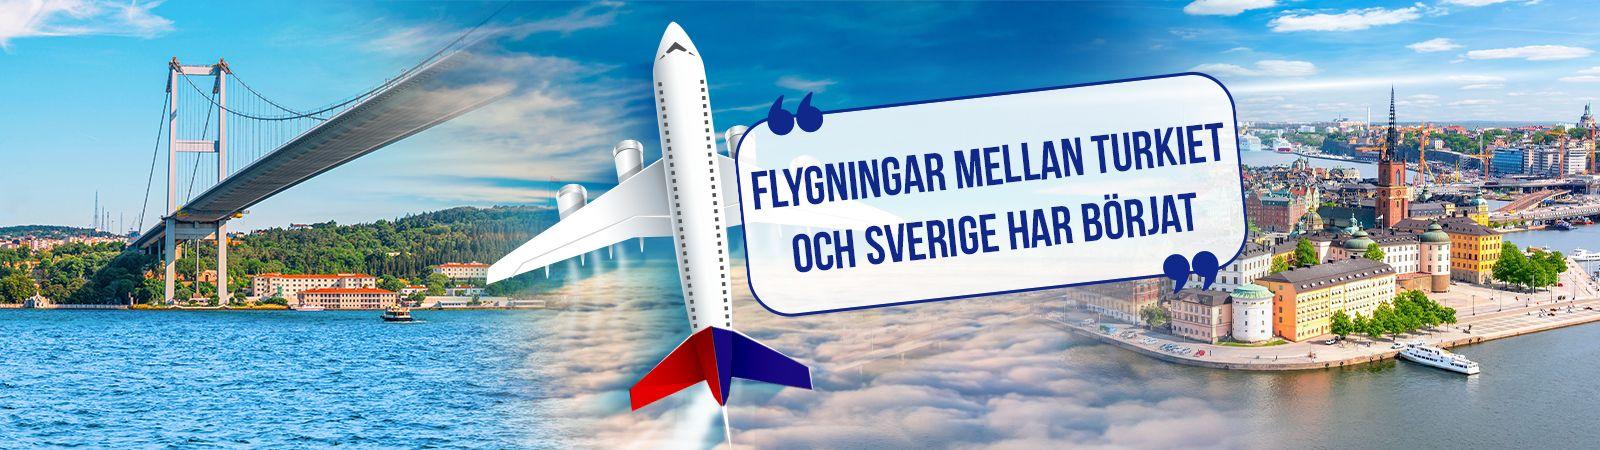 Flygningar mellan Turkiet och Sverige har börjat